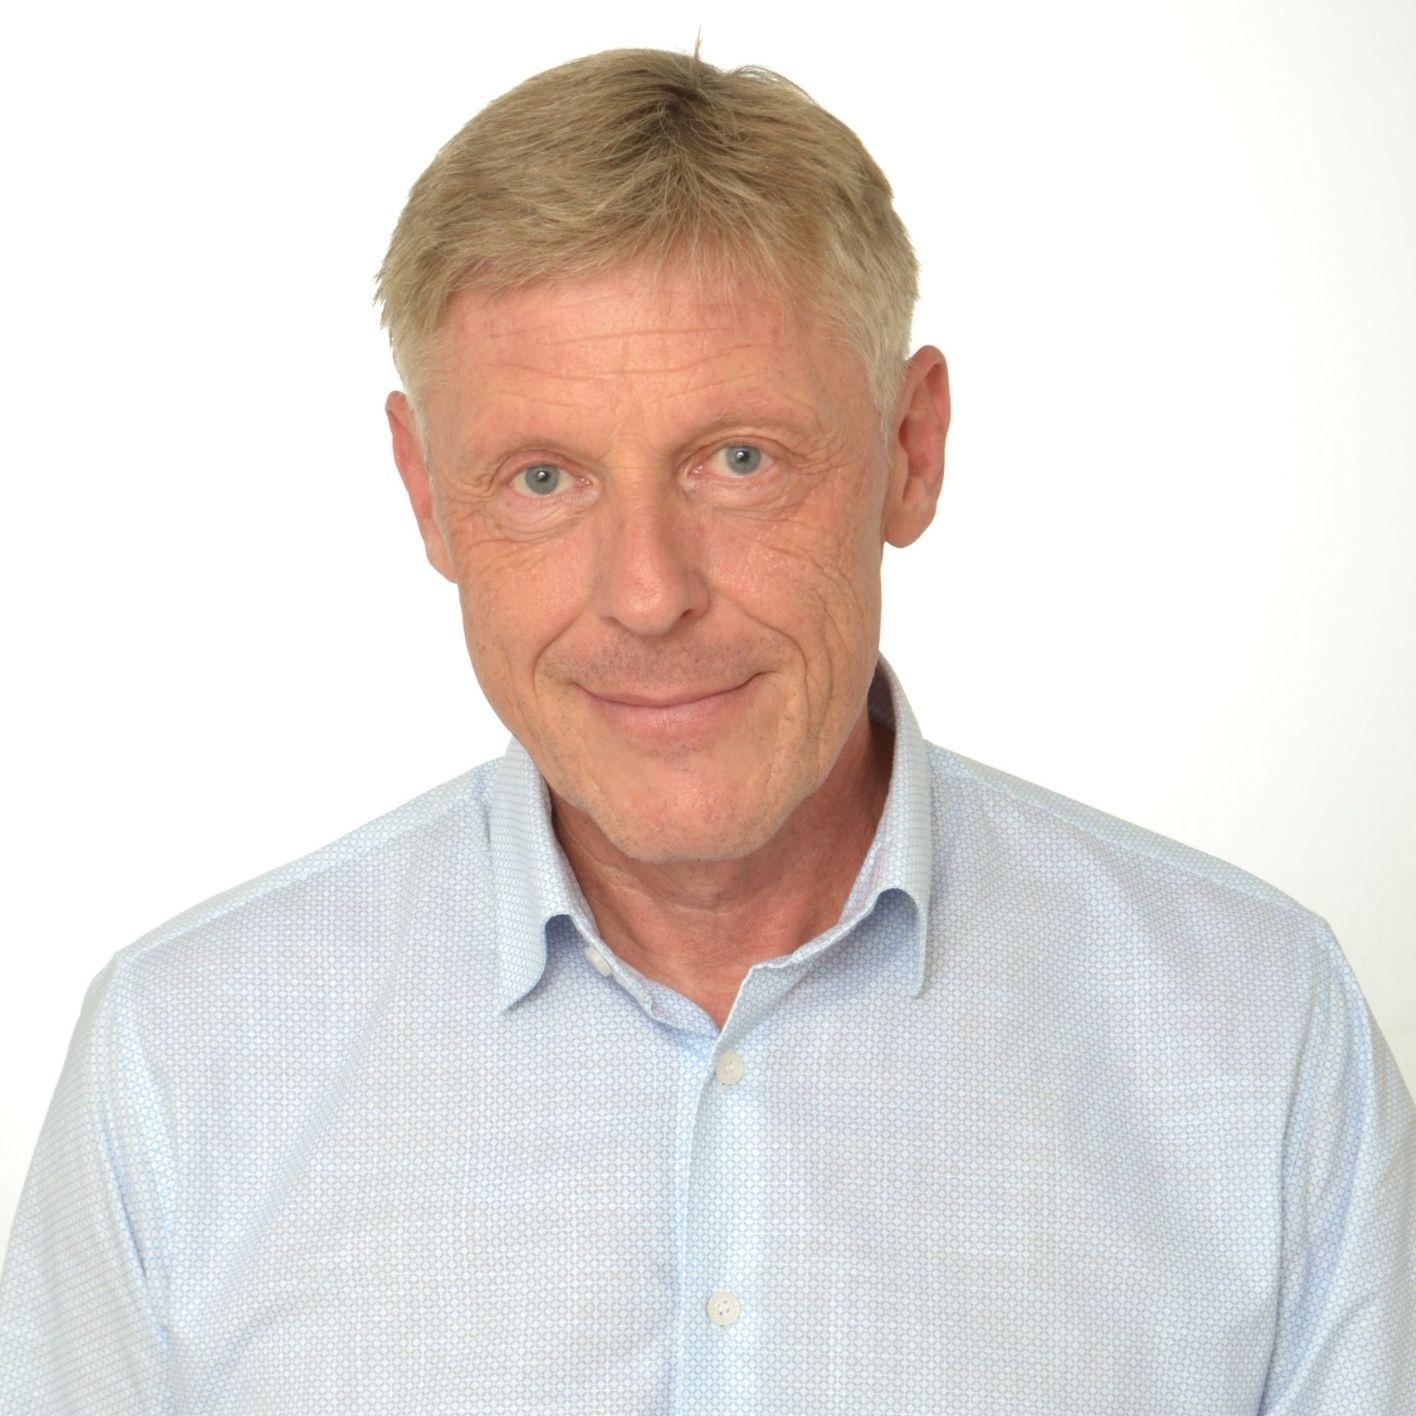 Branko Erich Valčić